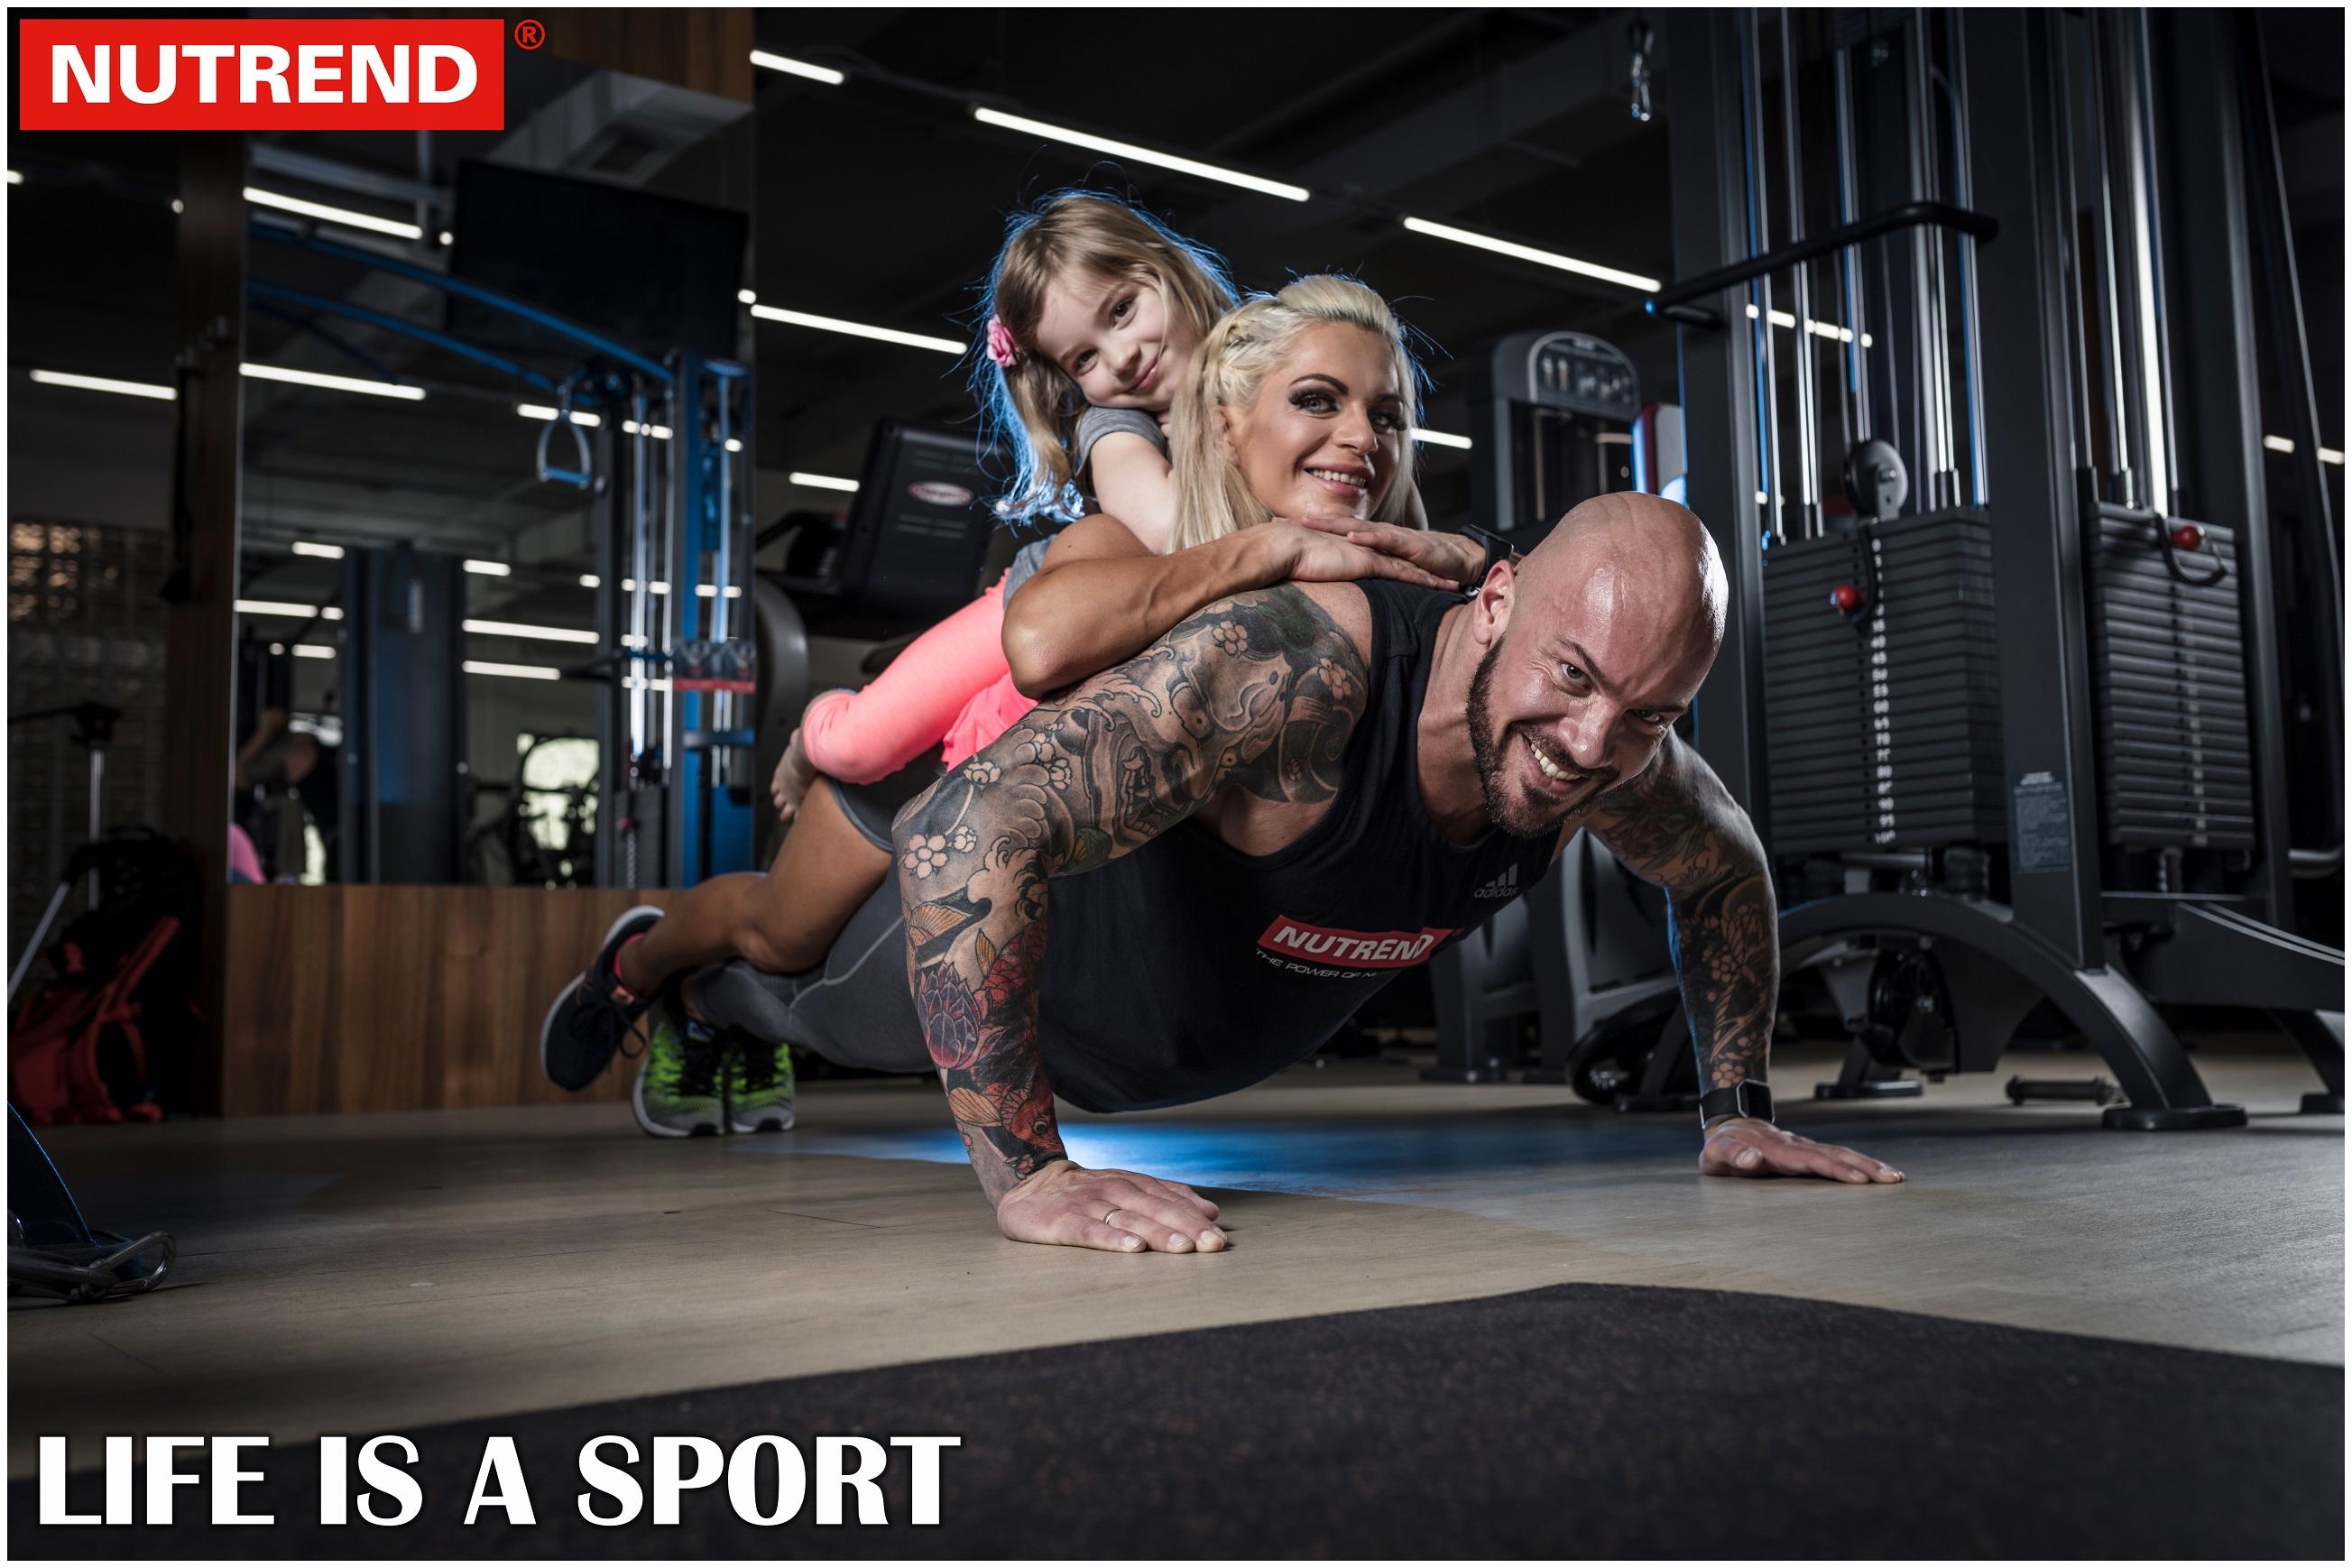 Evelien en Kevin Nutrend workout 3 + Family workout :-D